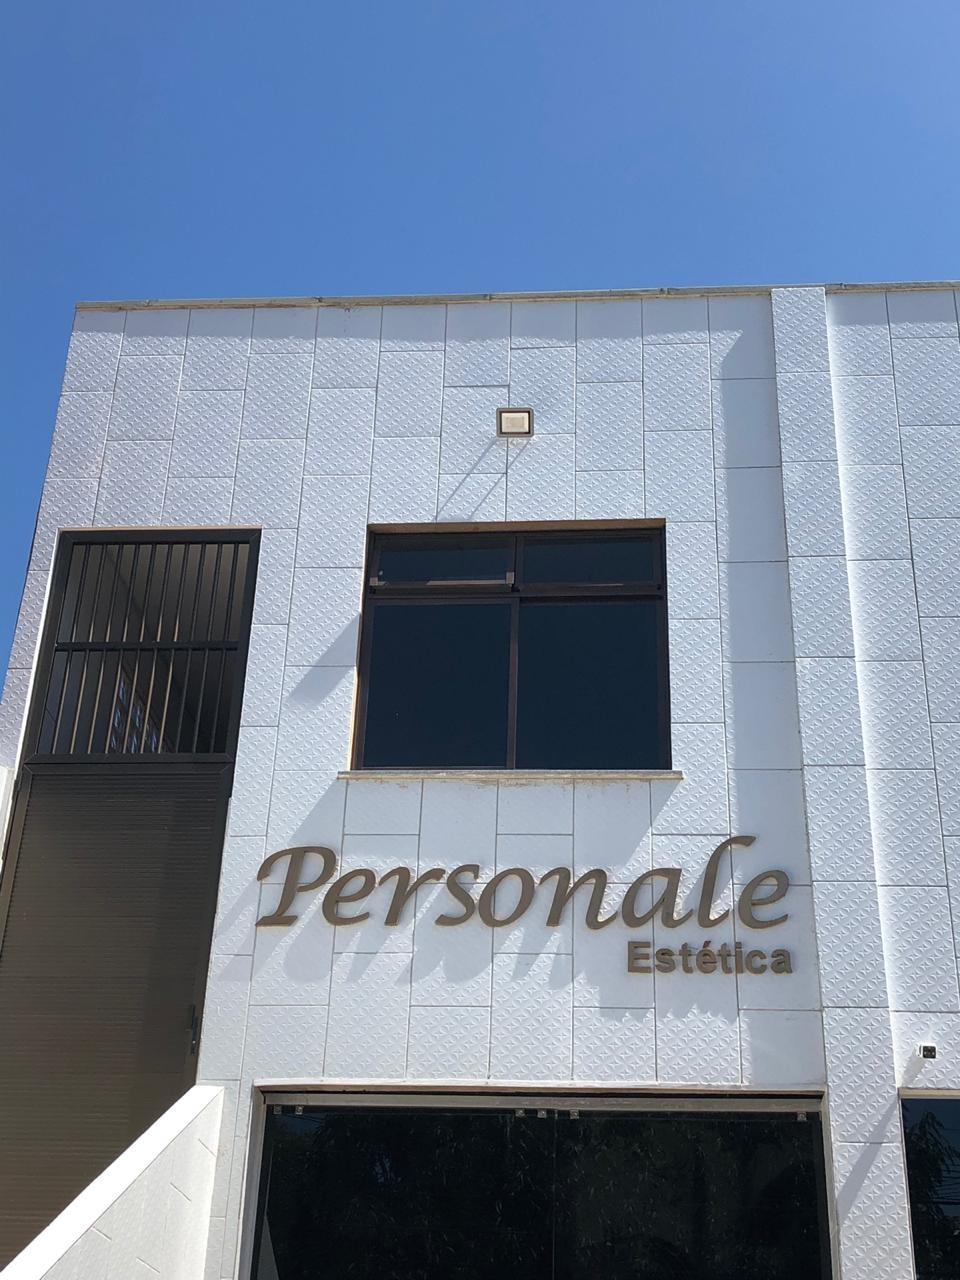 Sessão 1 área de Criolipólise + 3 sessões de cavitação de alta potência + 3 drenodetox + 6 massagem modeladora + 6 bambuterapia + 6 drenagem linfática por apenas R$149 na Personale